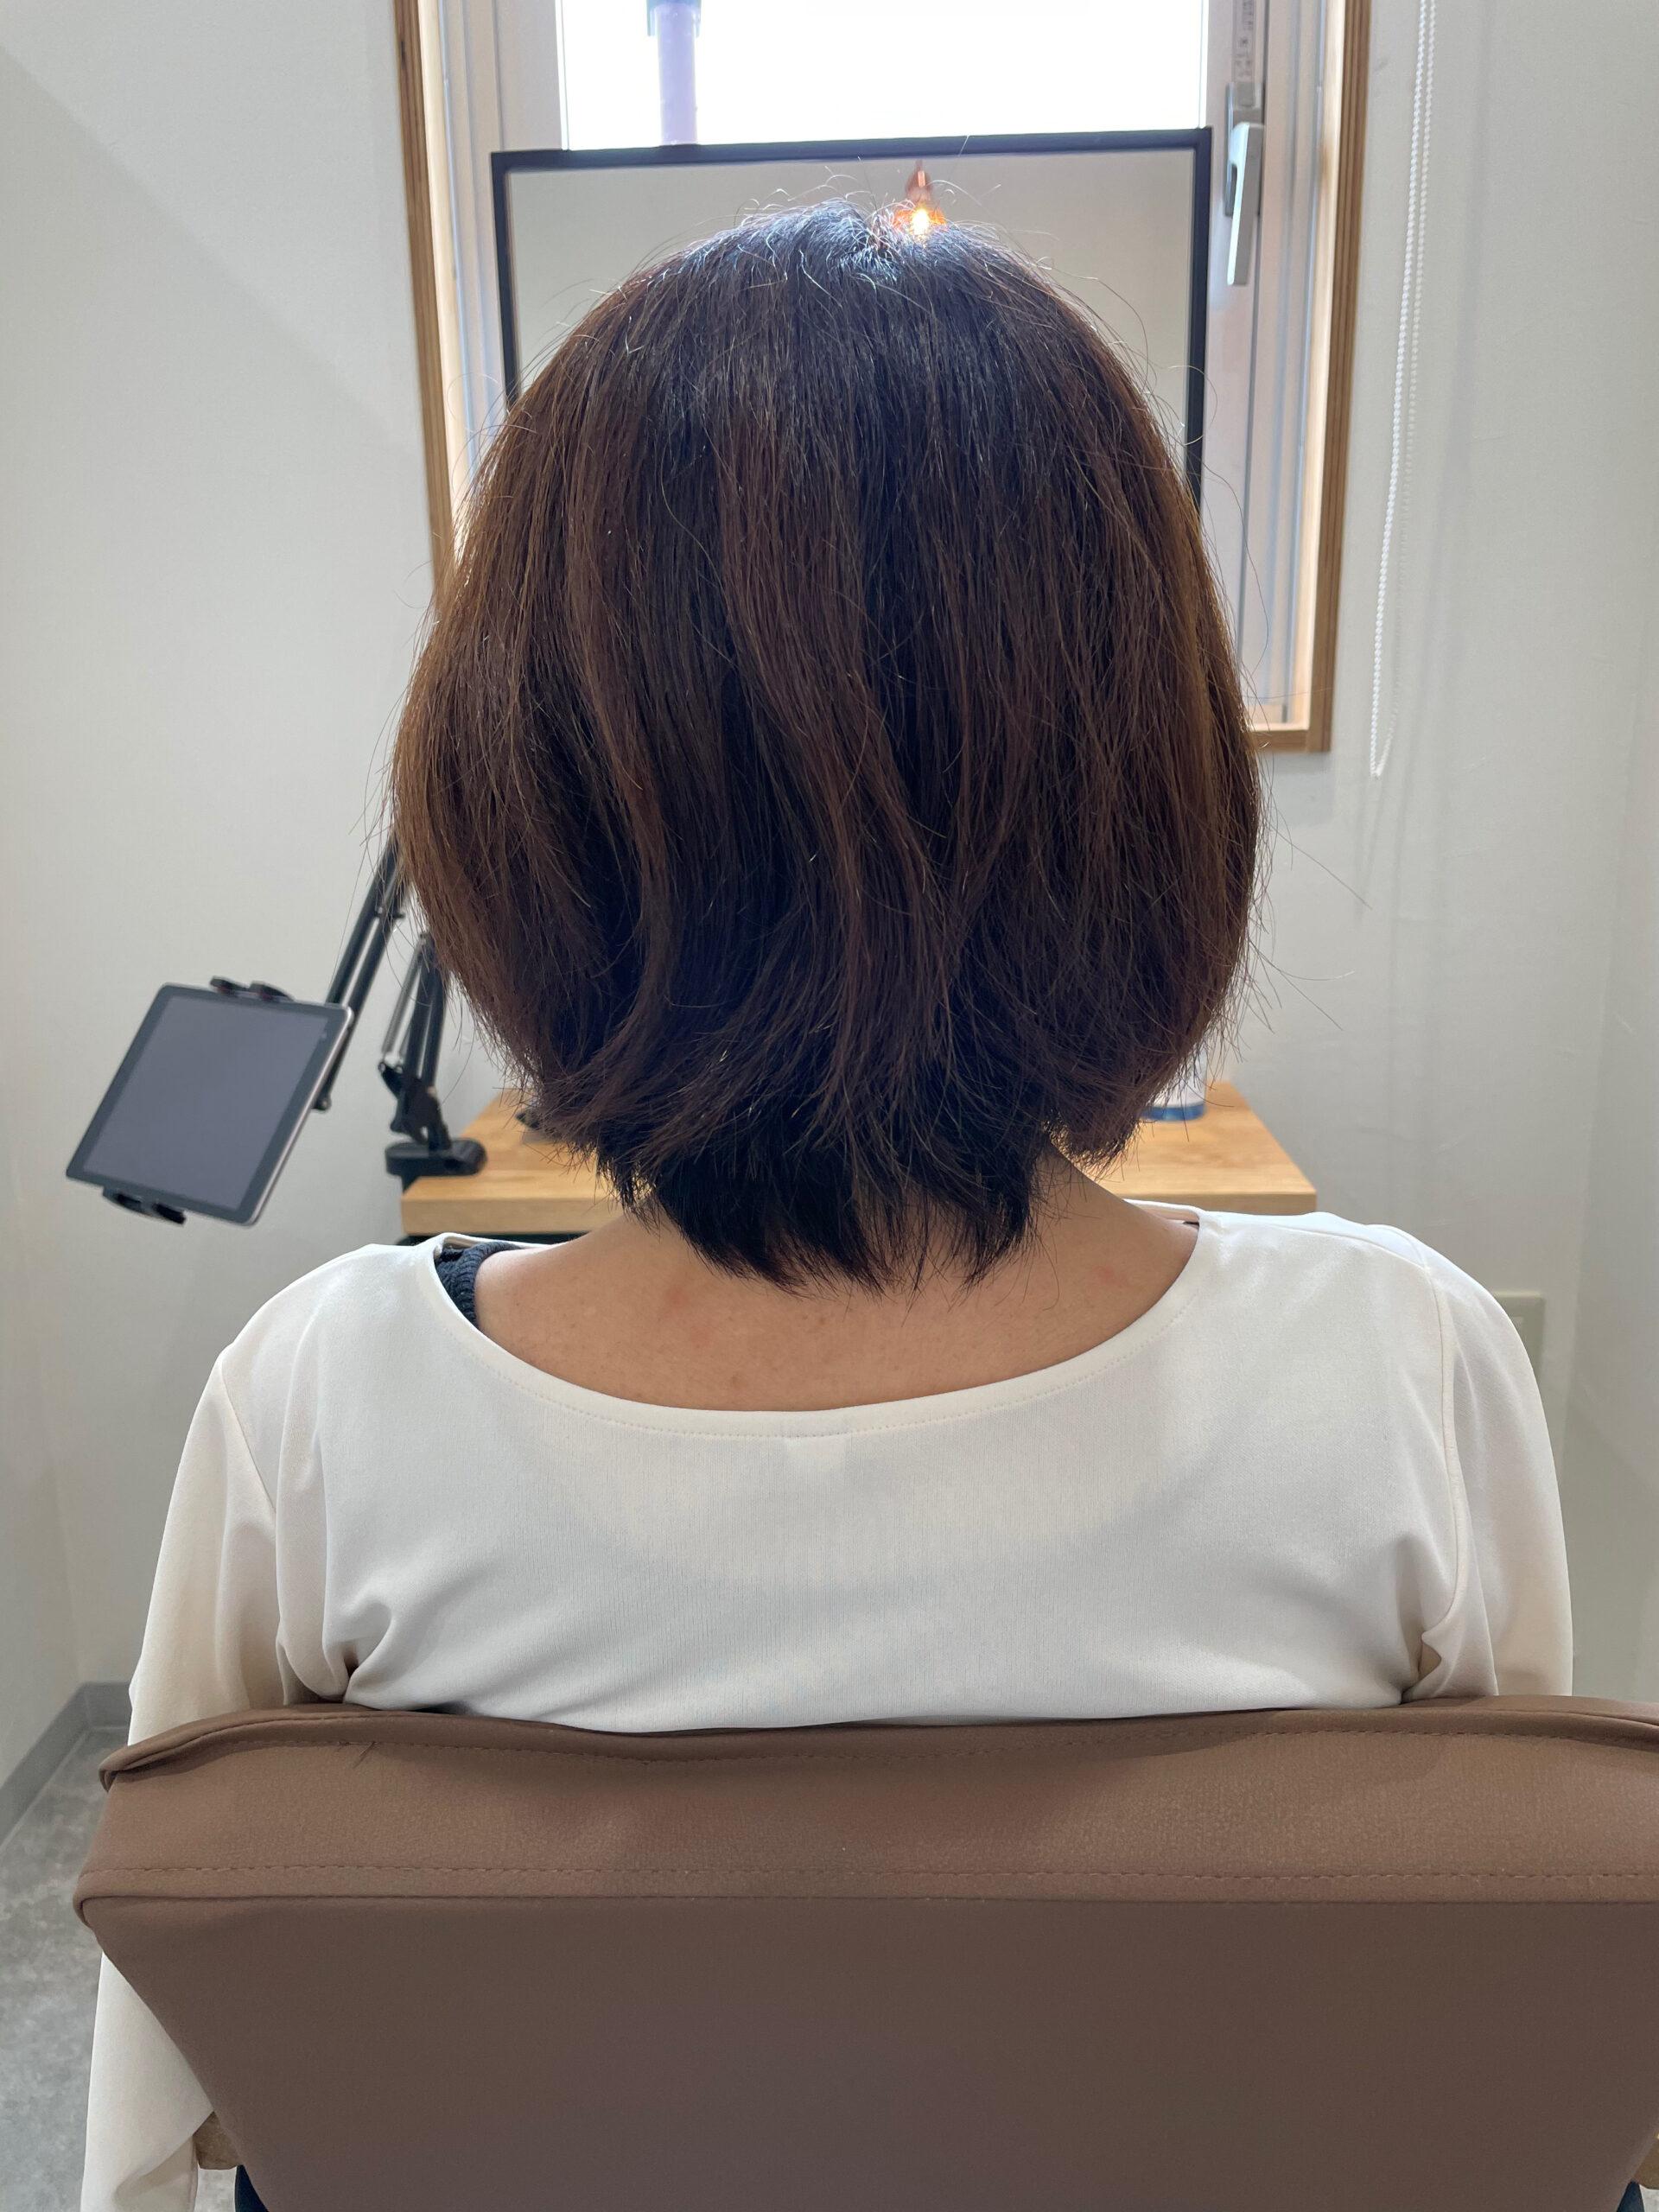 大分県別府市 髪質改善の弱酸性ストレートで自然なボブスタイル ビフォー